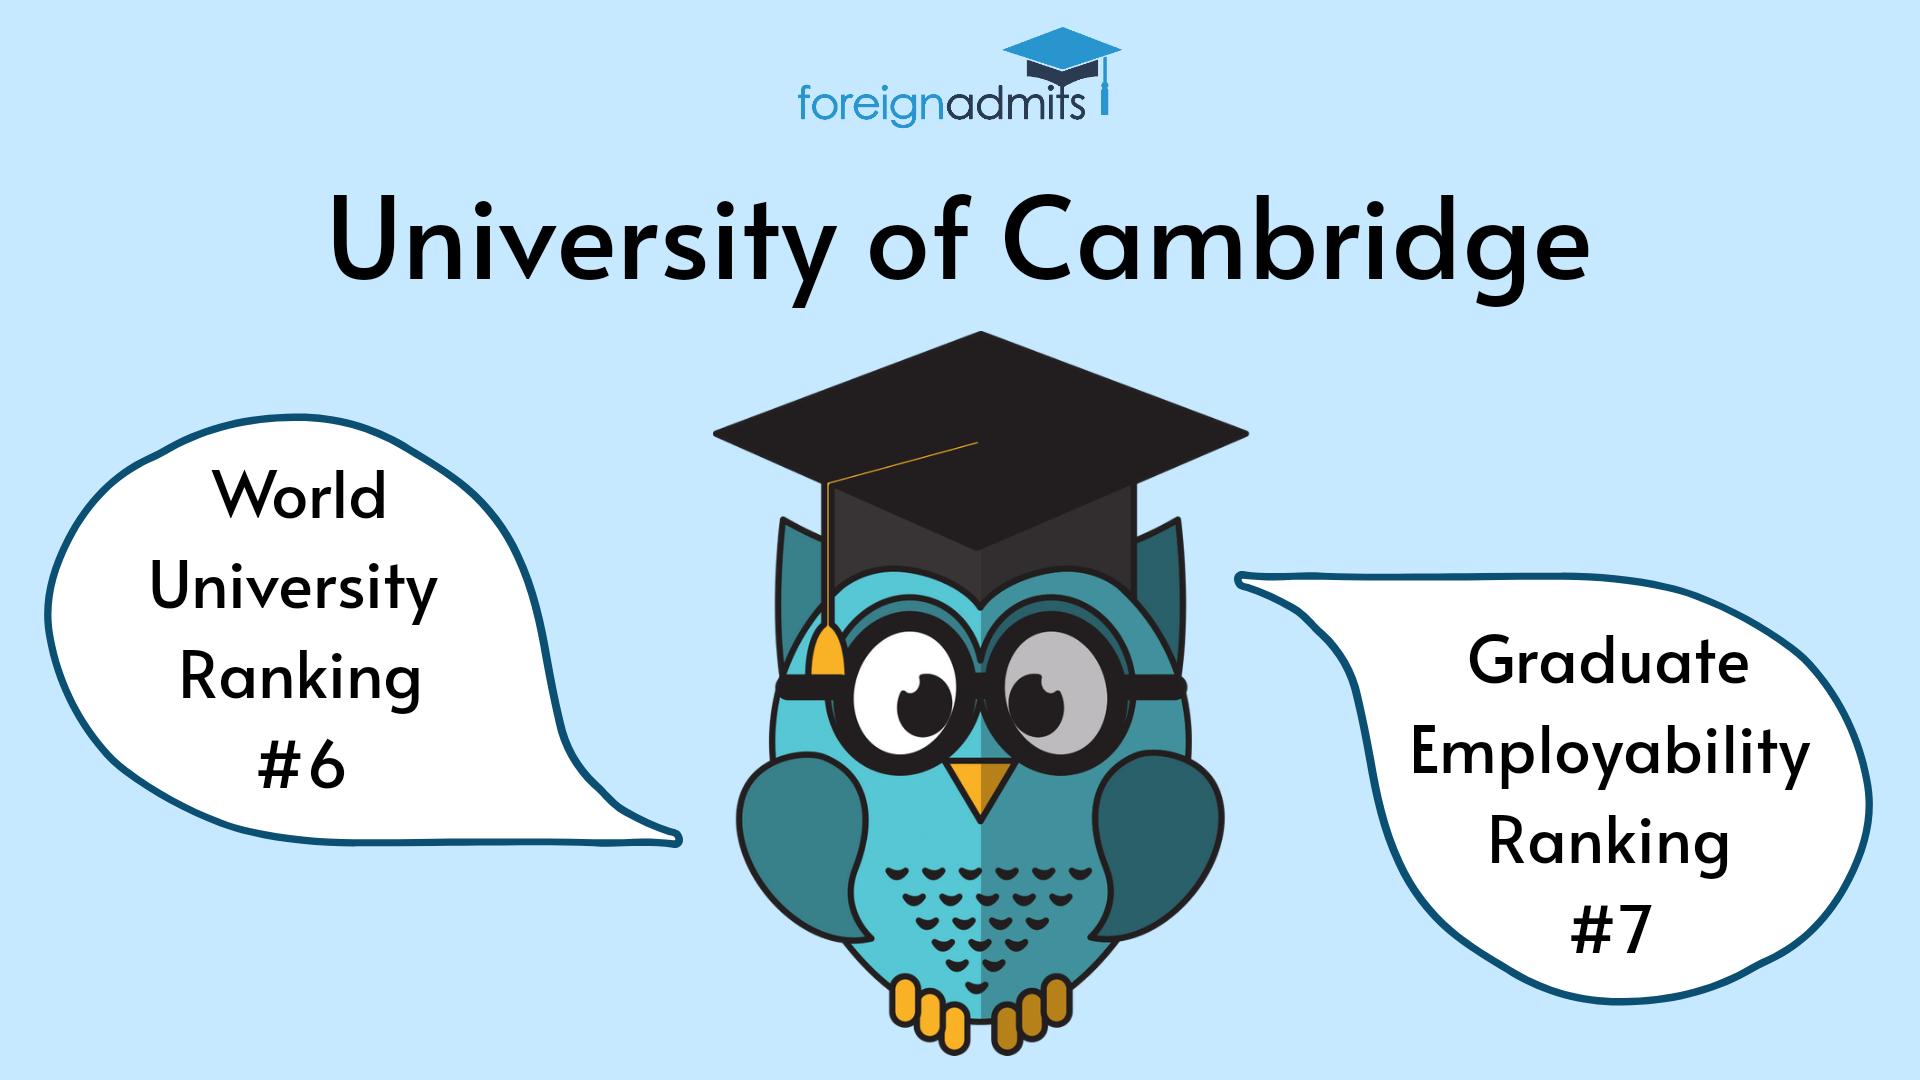 University of Cambridge Rankings